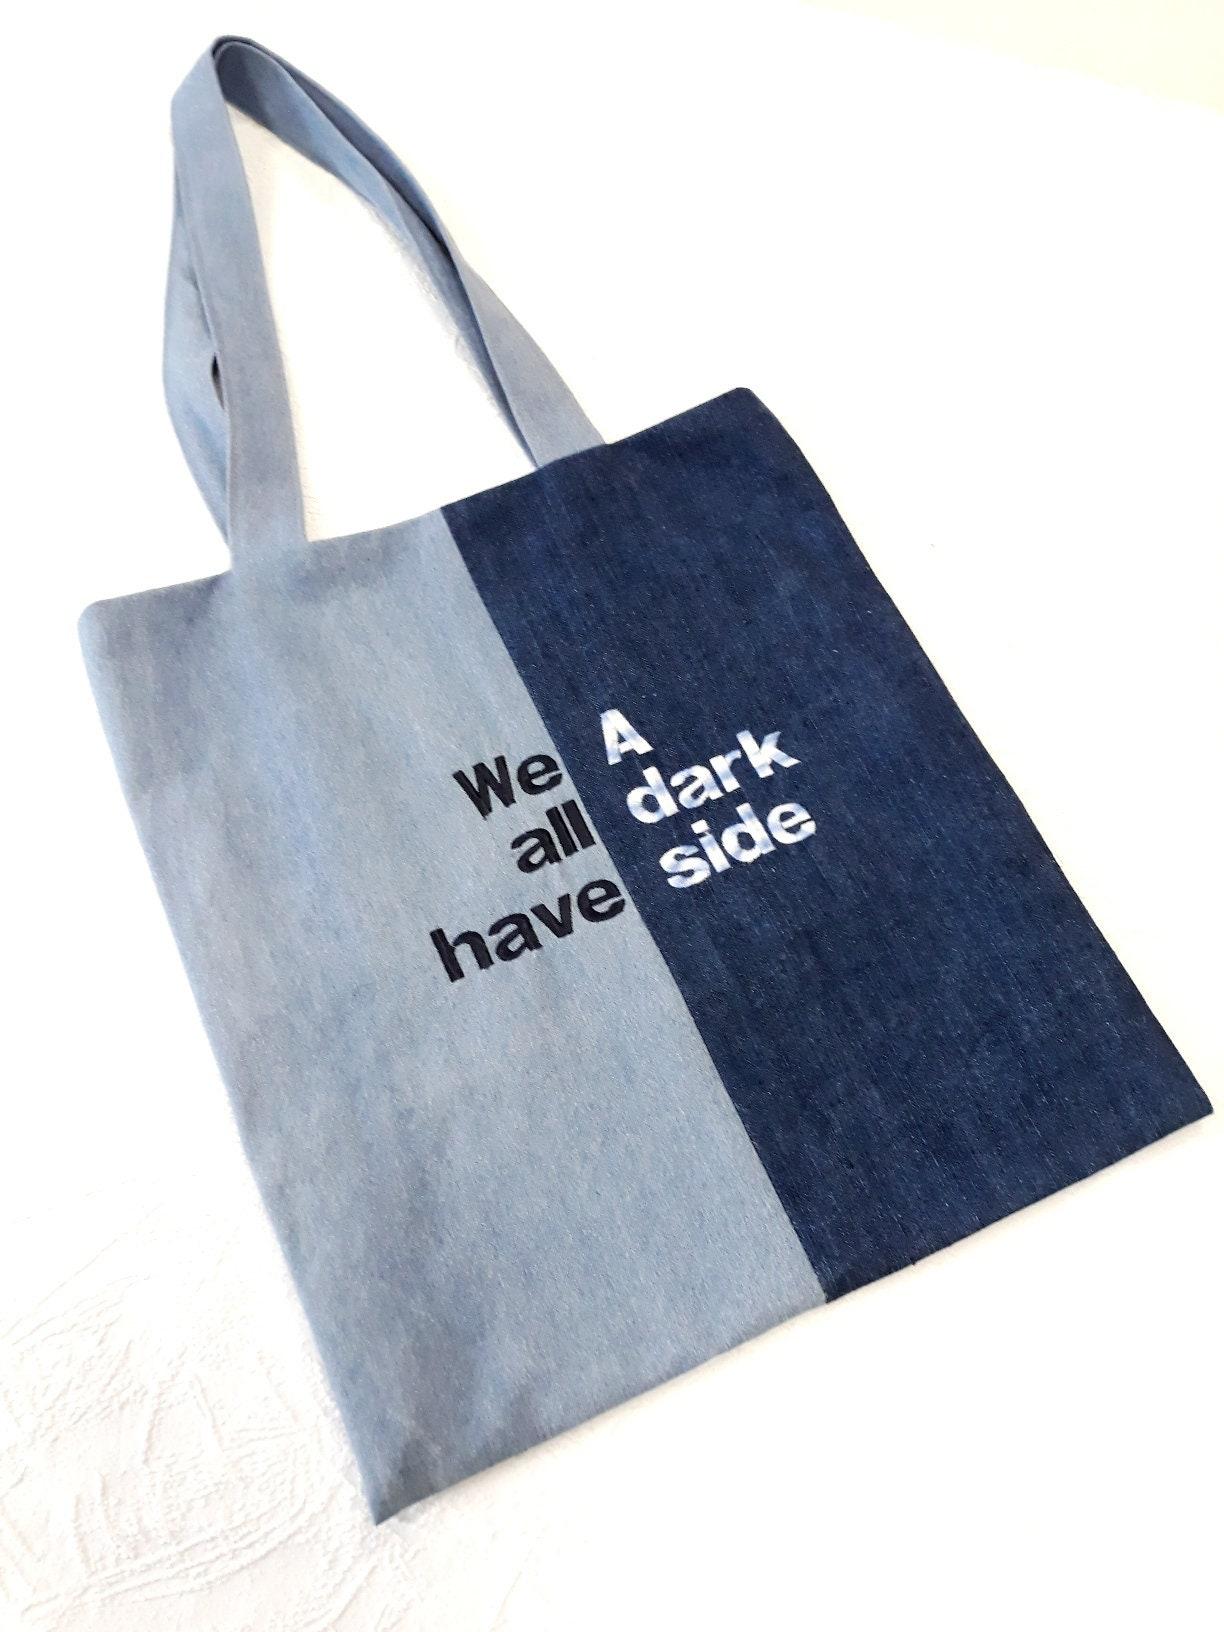 d6c9eab6406 Denim-Einkaufstasche-Blue-Jeans Markt Tasche Tuch schöne | Etsy